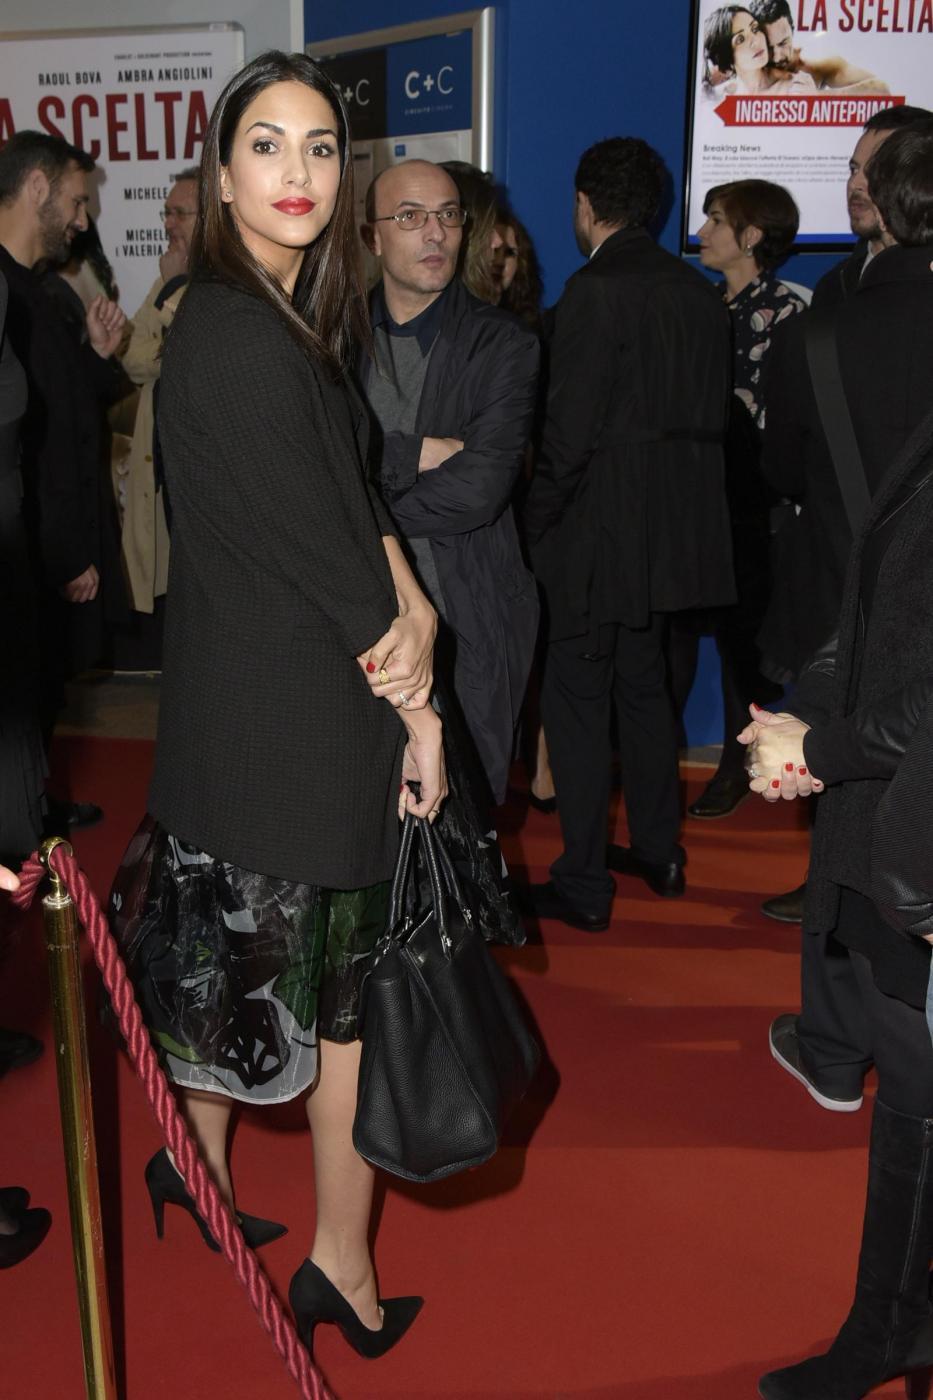 """Raoul Bova e Rocio Munoz Morales innamorati alla prima di """"La scelta"""" FOTO07"""